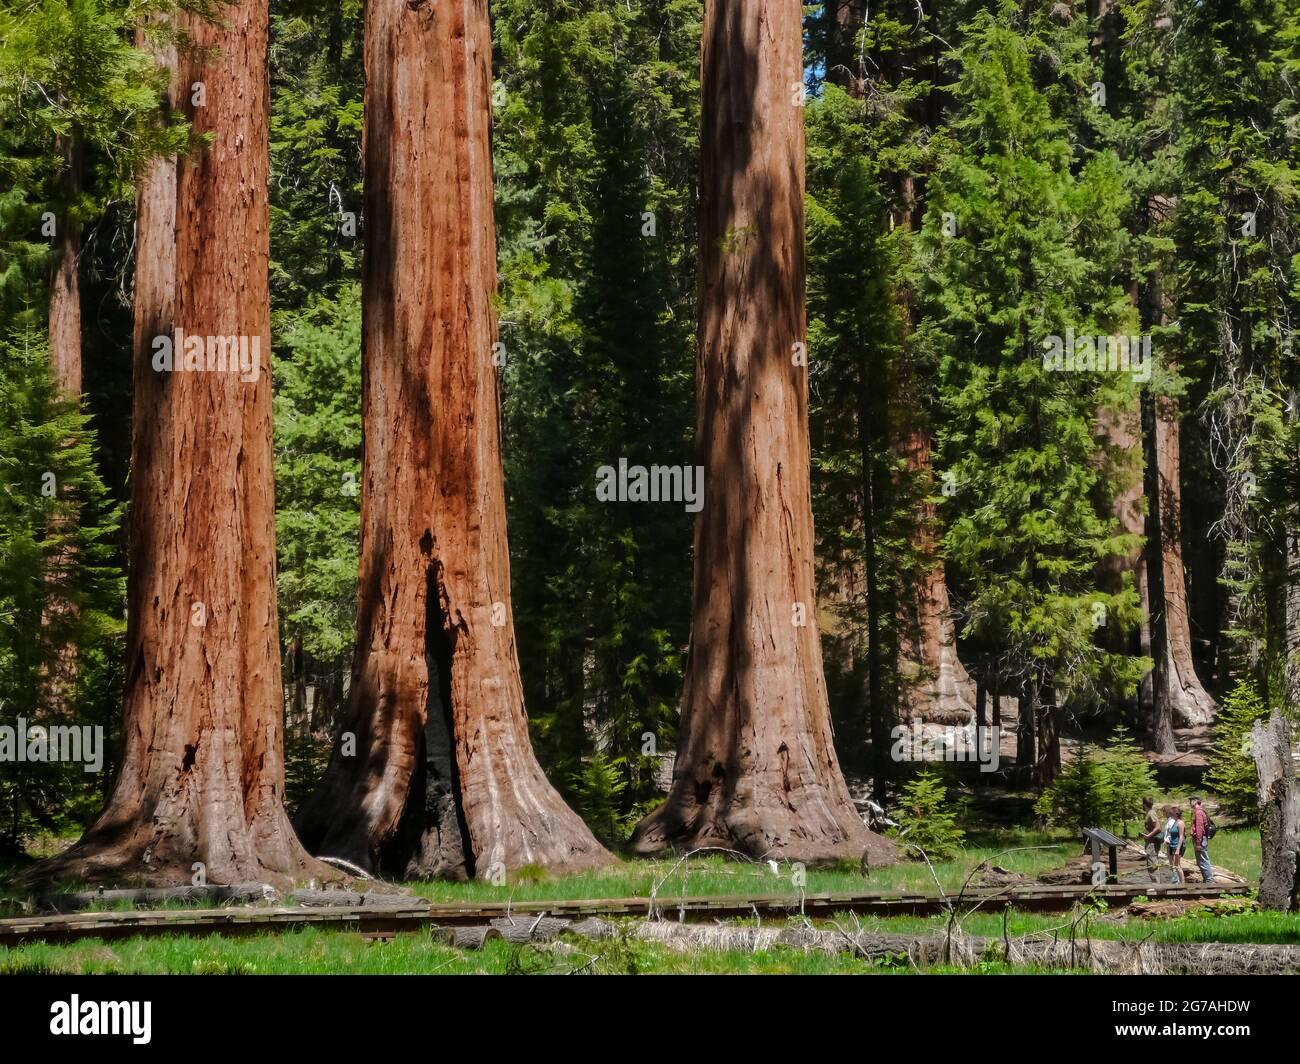 Sequoia National Park, Californie, USA Banque D'Images